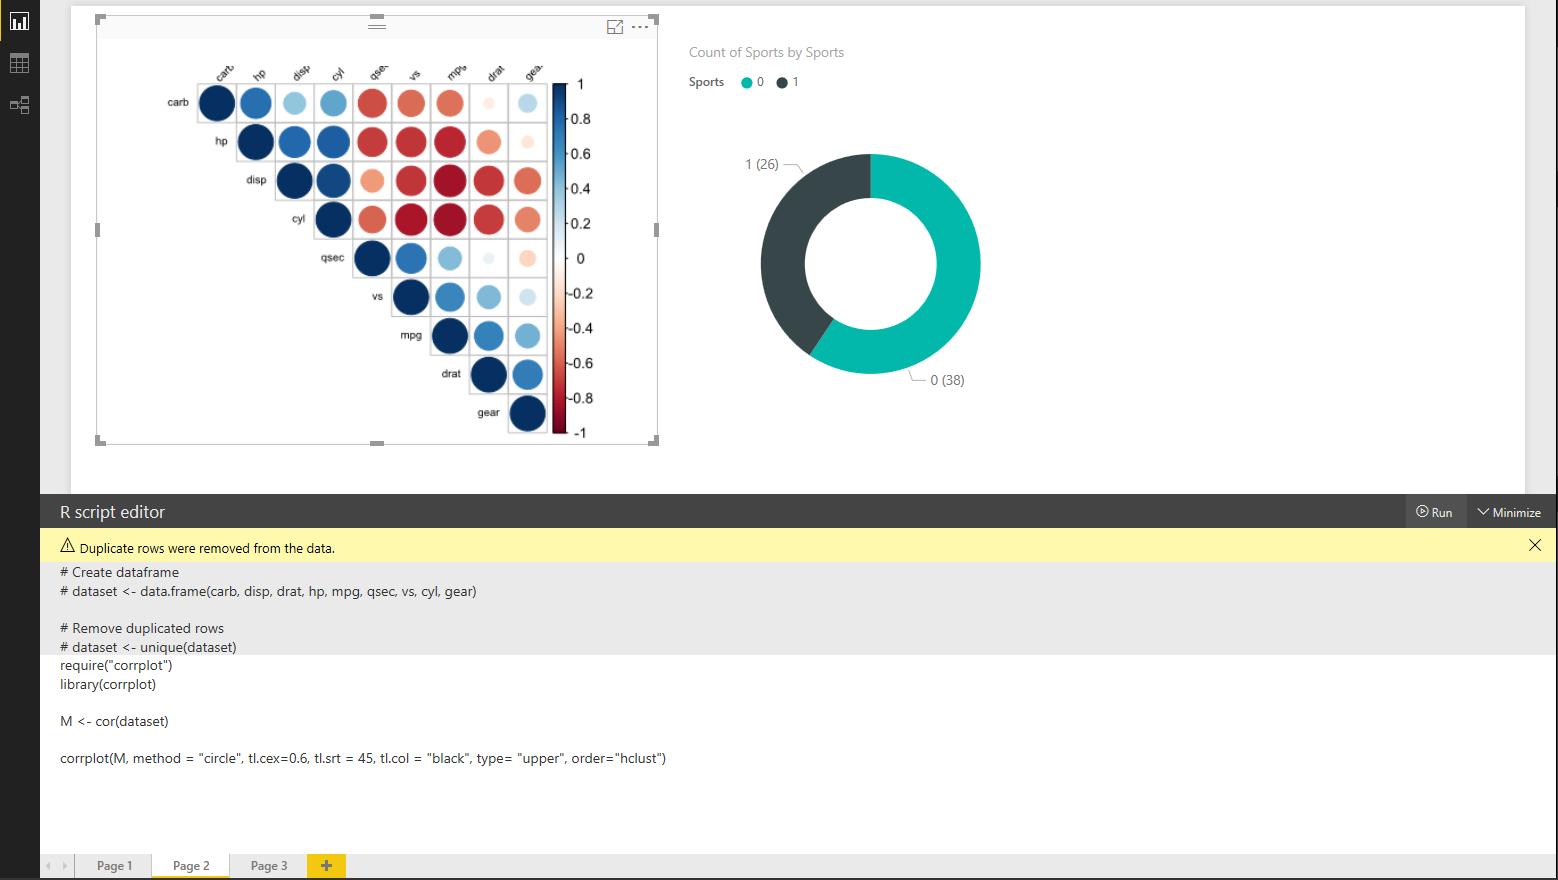 Erstellen von Power BI-Visualisierungen mithilfe von R - Power BI ...